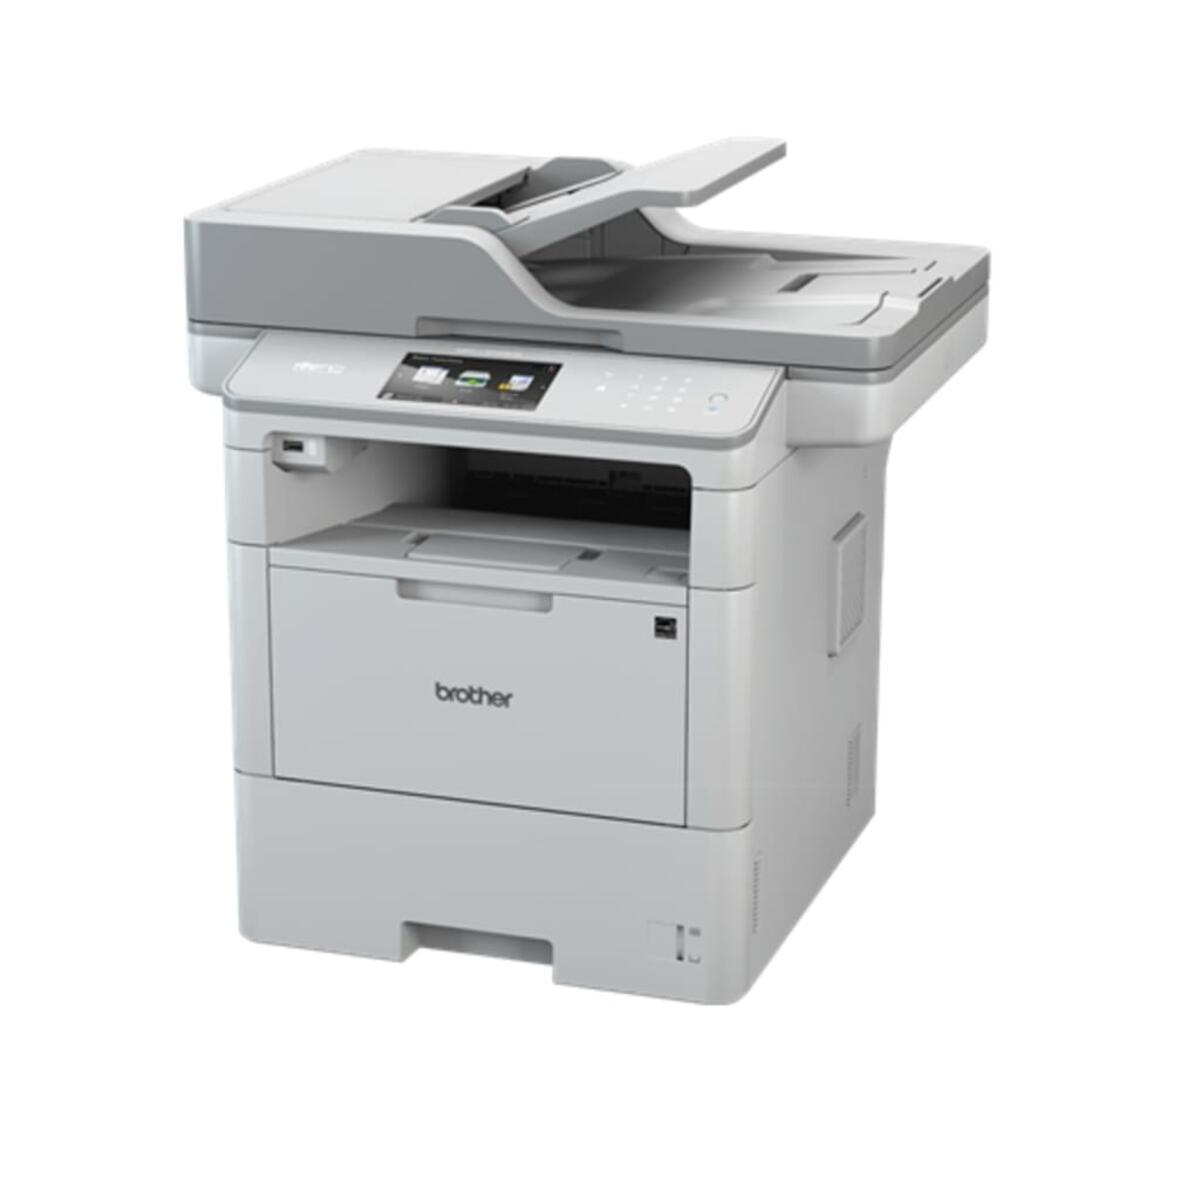 Bild 2 von Brother Brother MFC-L6900DW 4in1 Multifunktionsdrucker